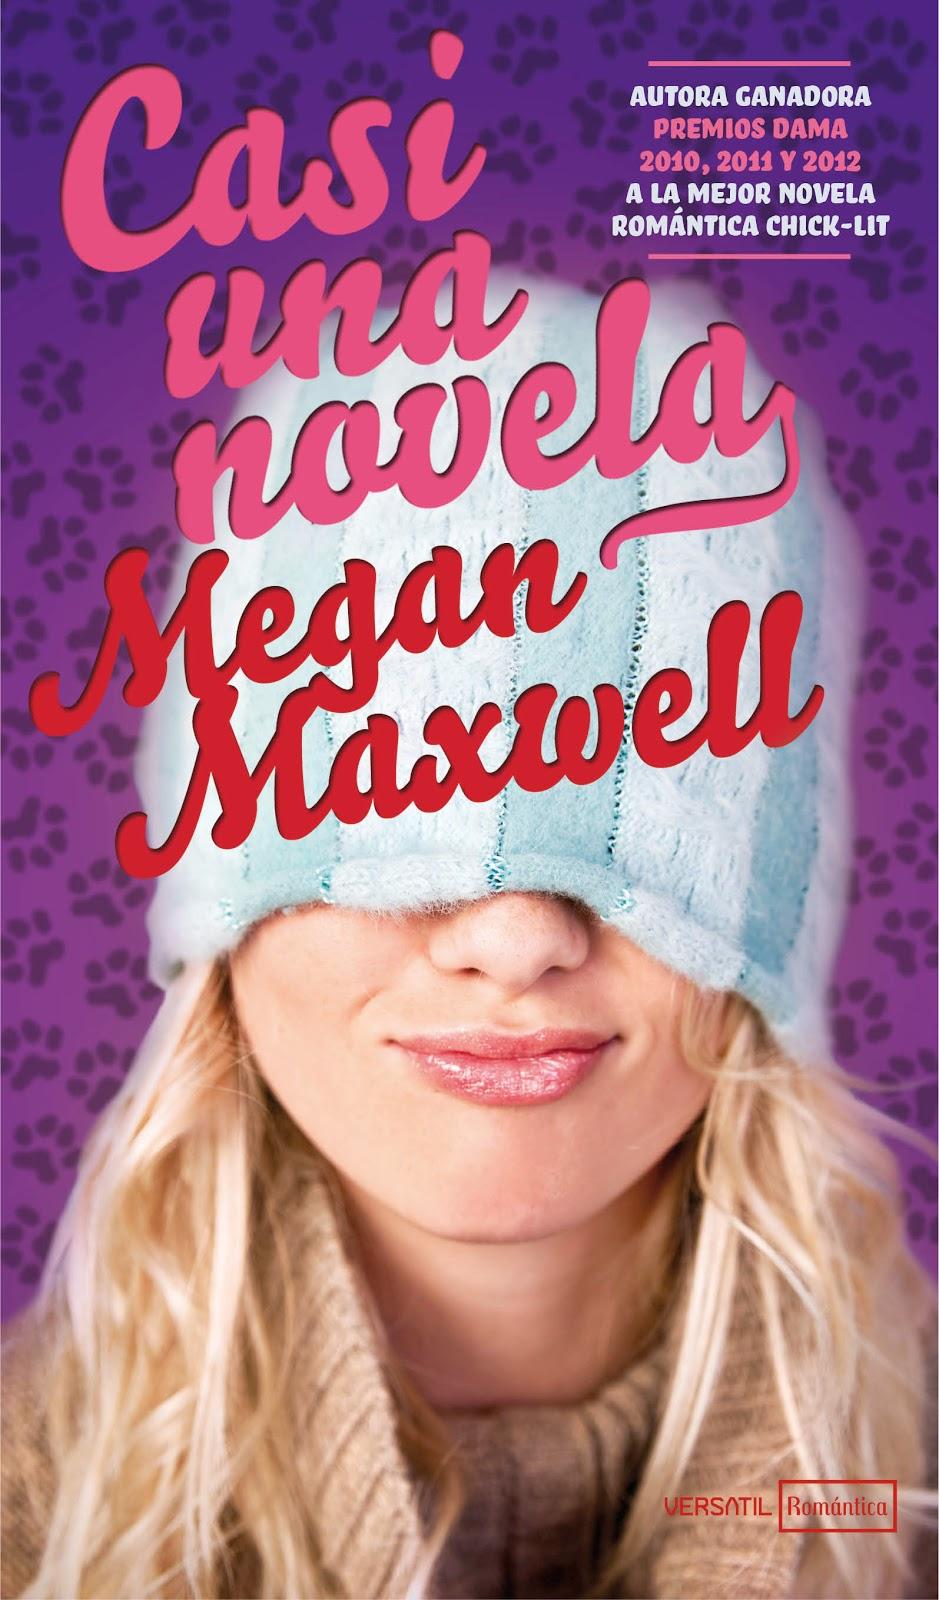 NUEVO LIBRO DE LA EXITOSA MEGAN MAXWELL - Te Regalo un libro